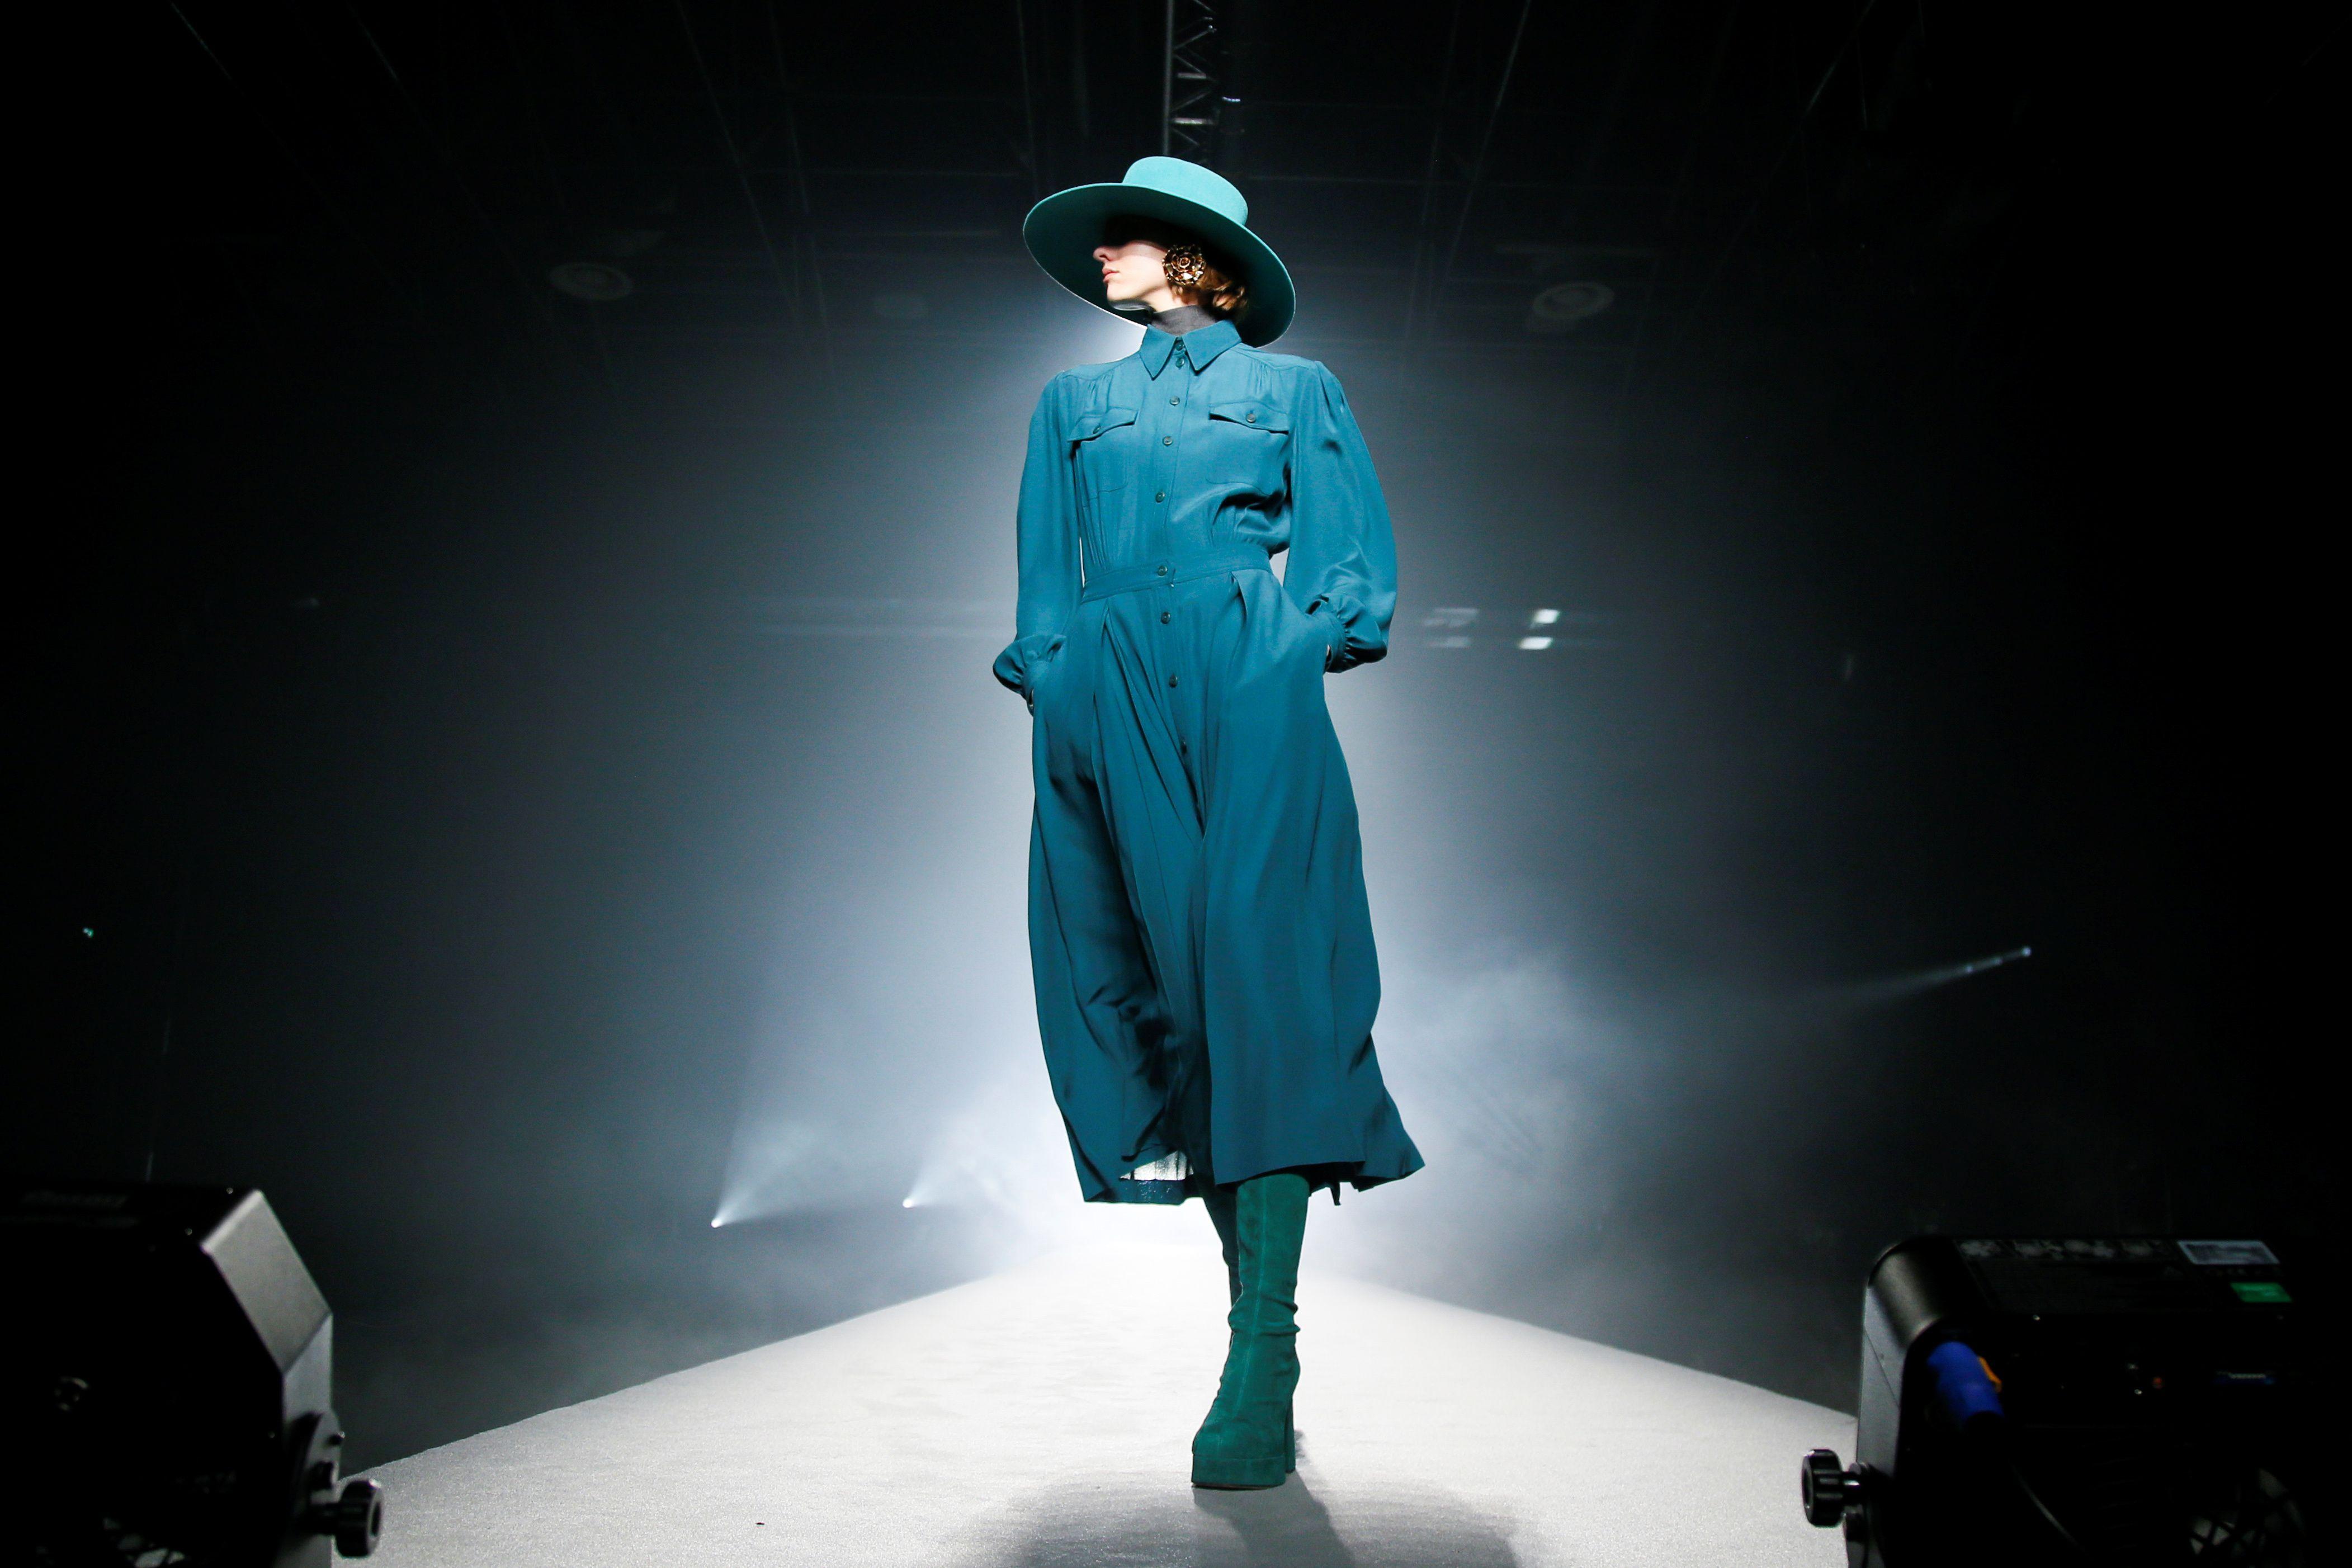 Alberta Ferretti presentó una colección en la que mezcla lana, cuero y tejido vaquero en colores neutros y con ausencia total de estampados